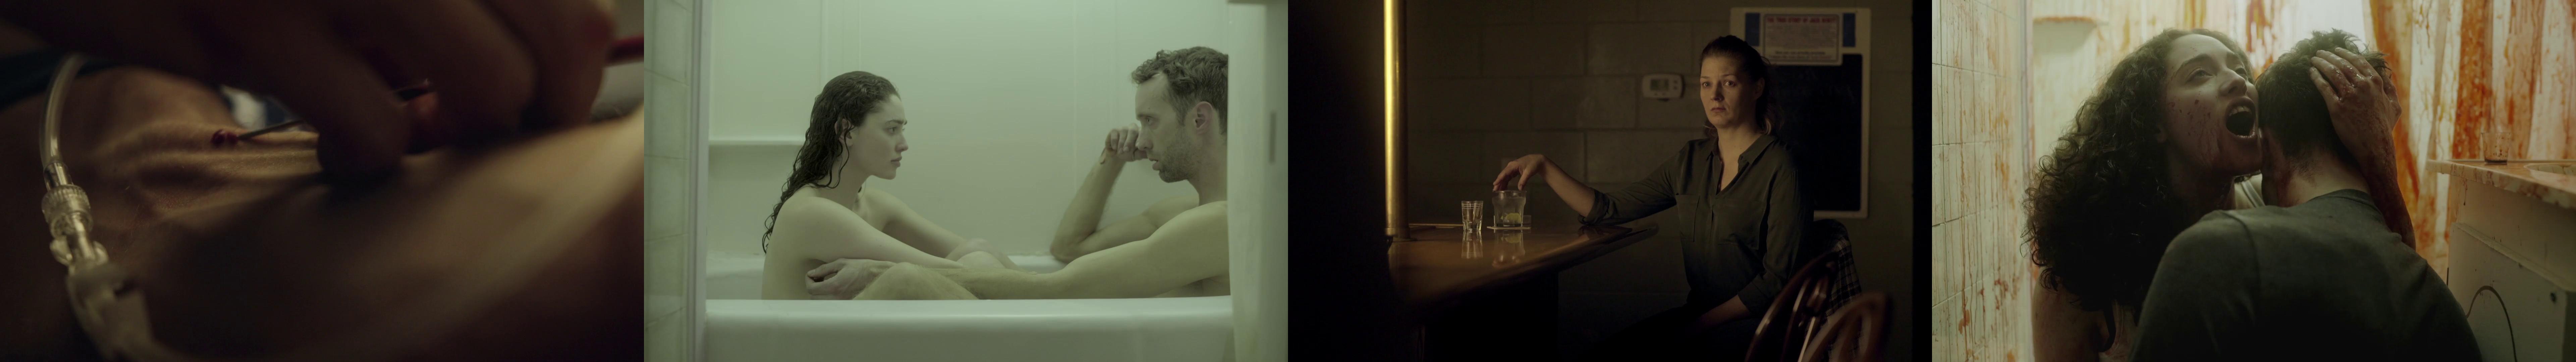 Film Review | O Negative (2015)